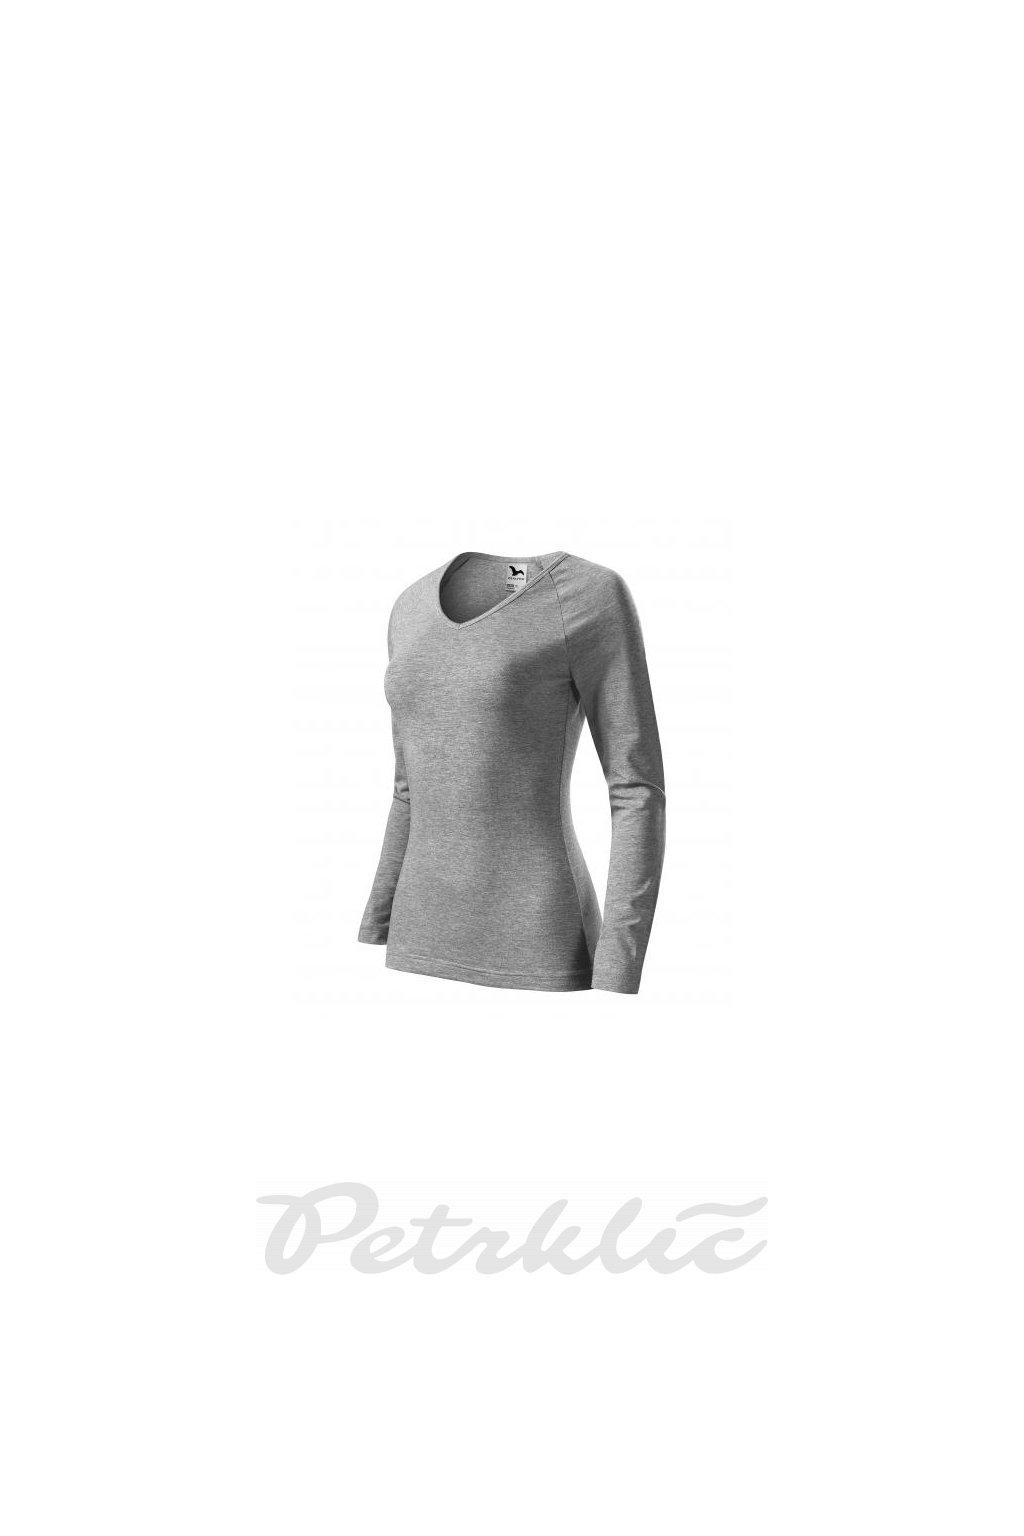 Dámské strečové tričko s dlouhými rukávy Elegance